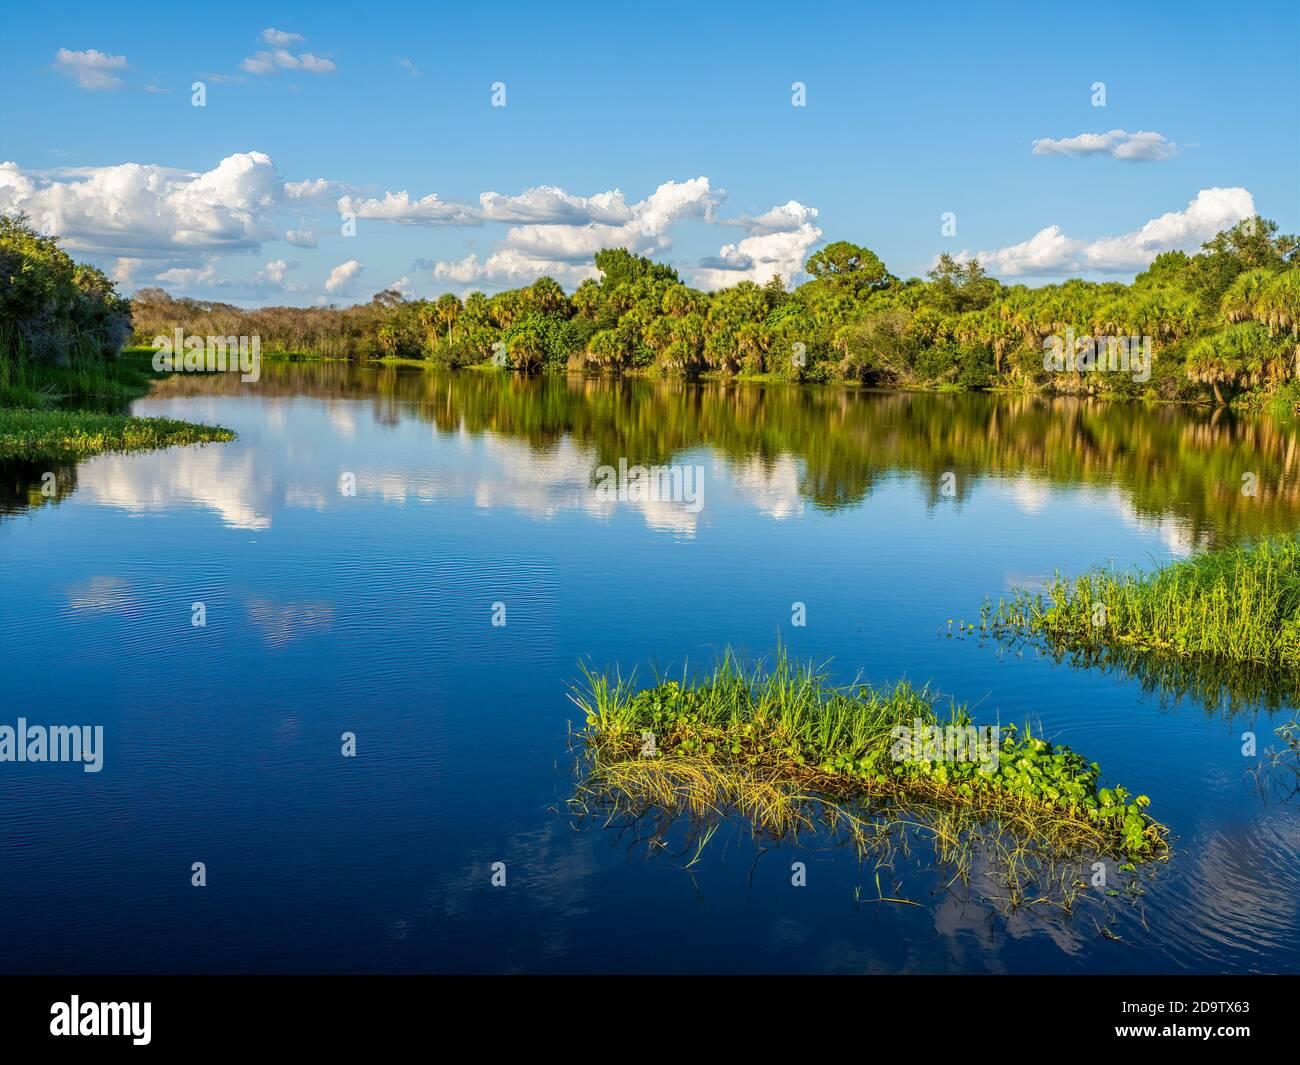 Deer Prairie Creek  in Deer Prairie Creek Preserve in Vemice Florida in the United States Stock Photo